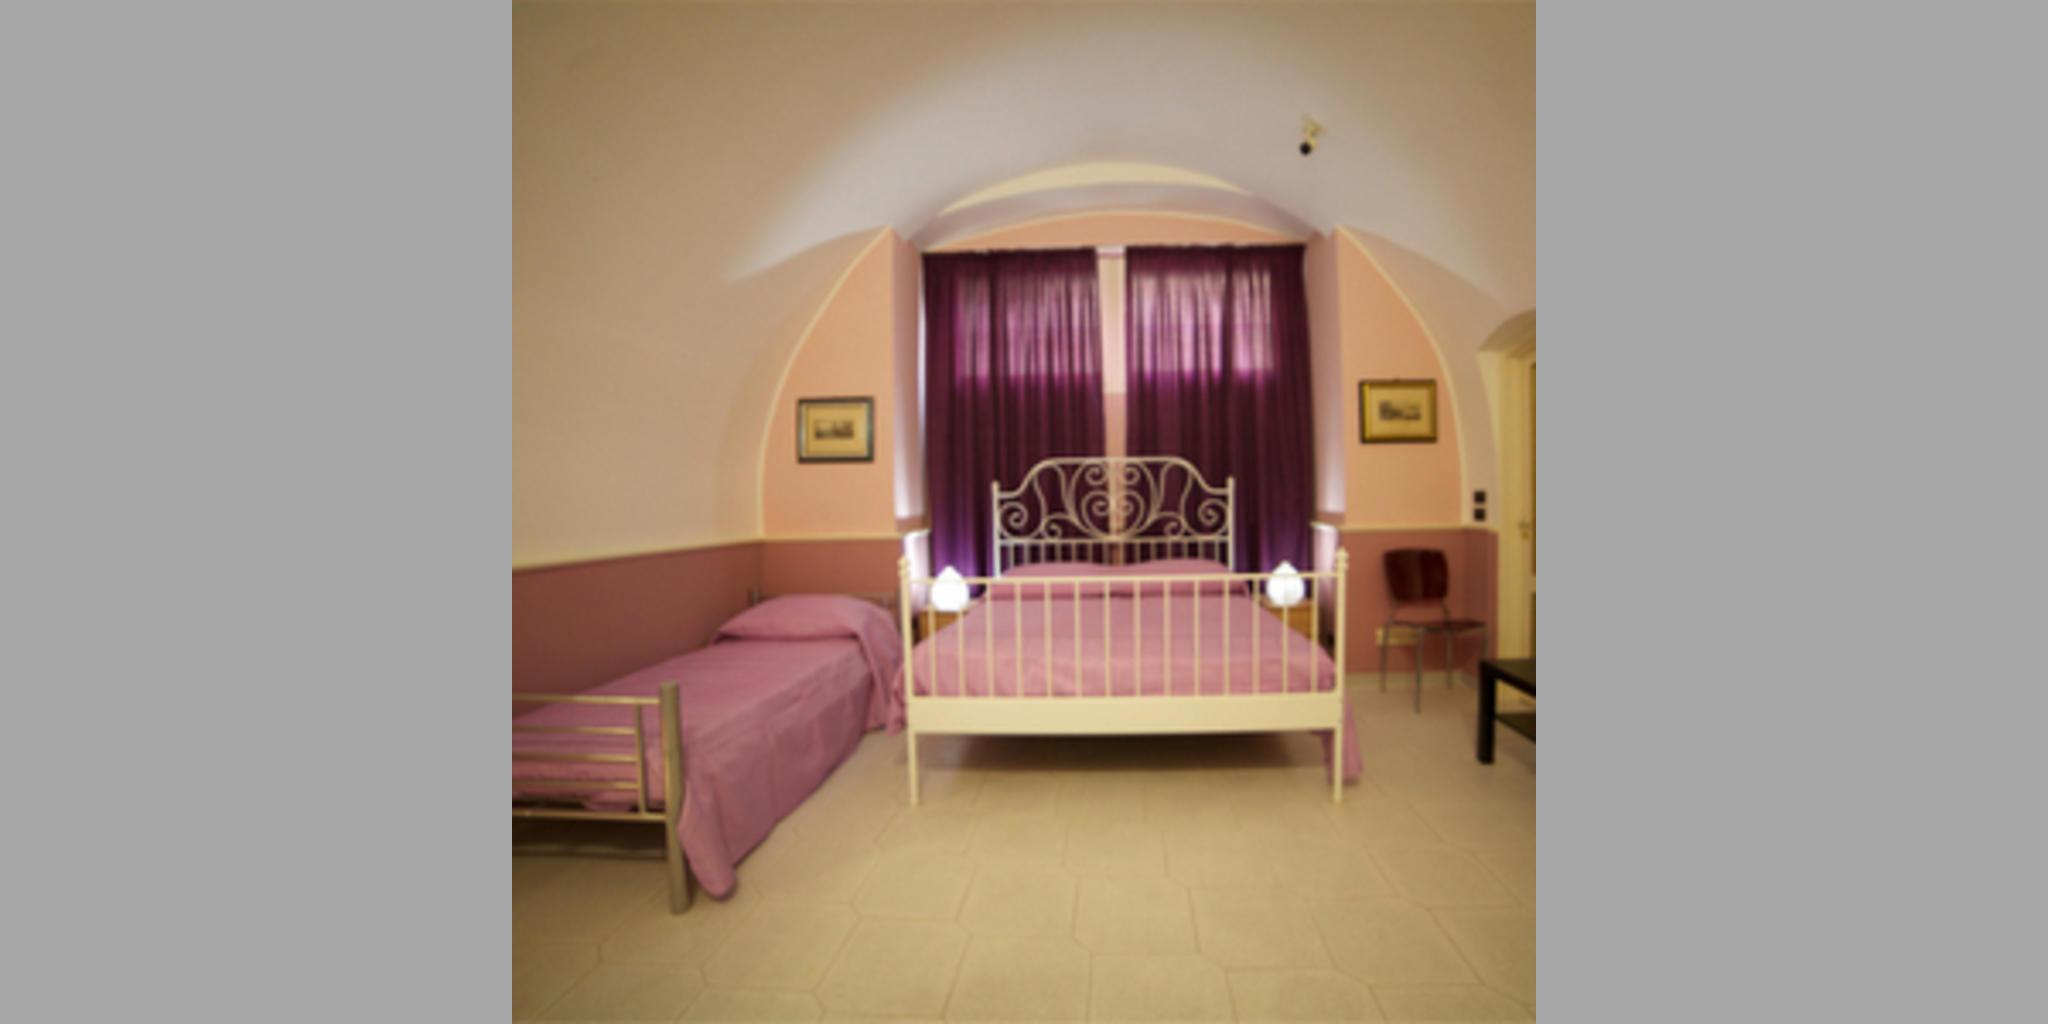 Bed & Breakfast Acireale - Acireale Barocca